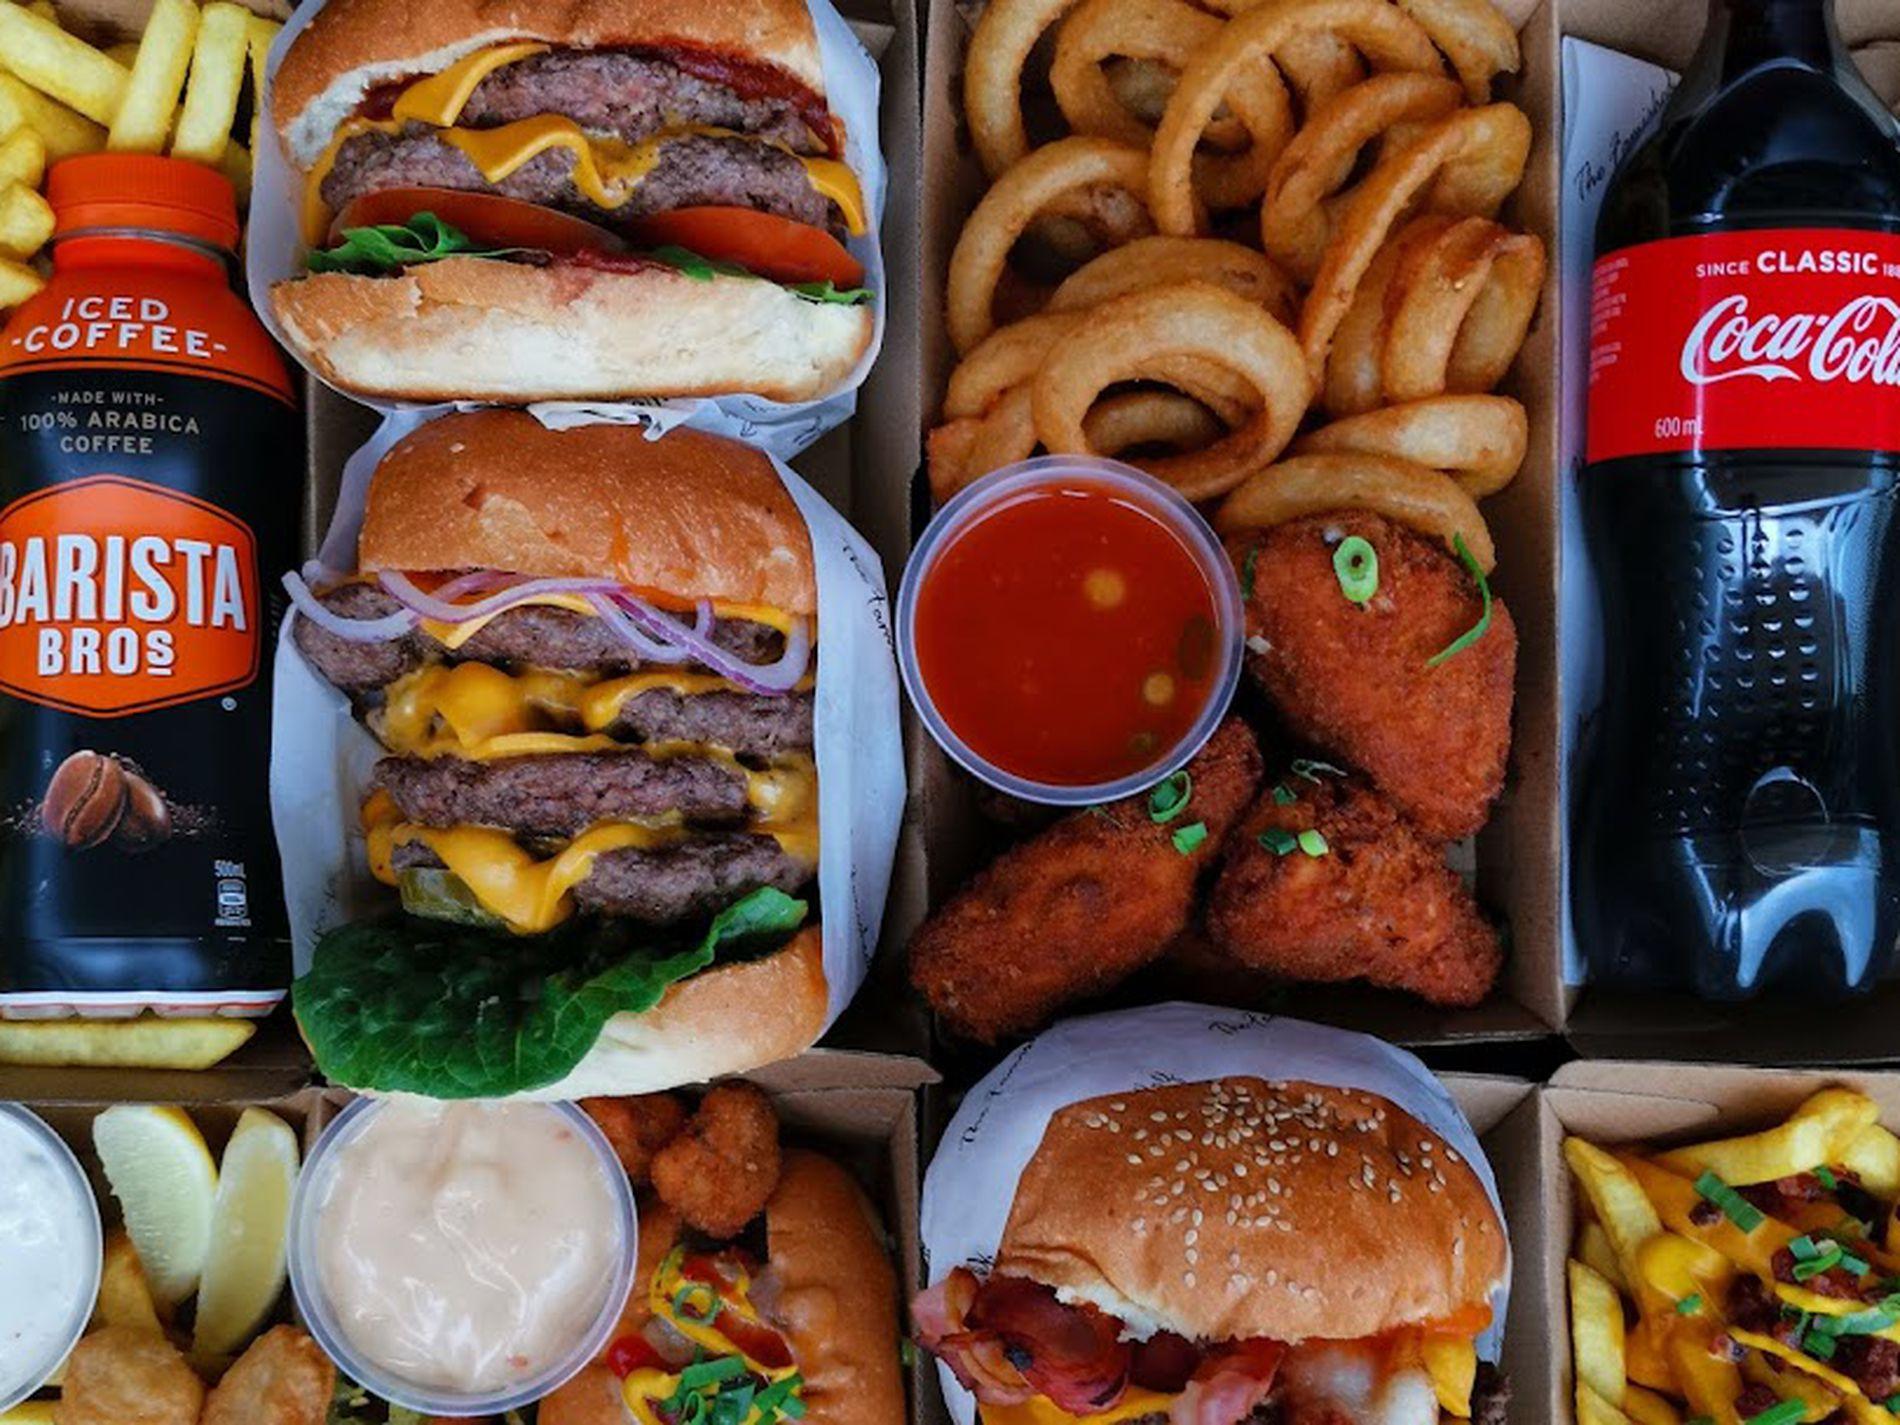 Burger Franchises for Sale – Patterson Lakes